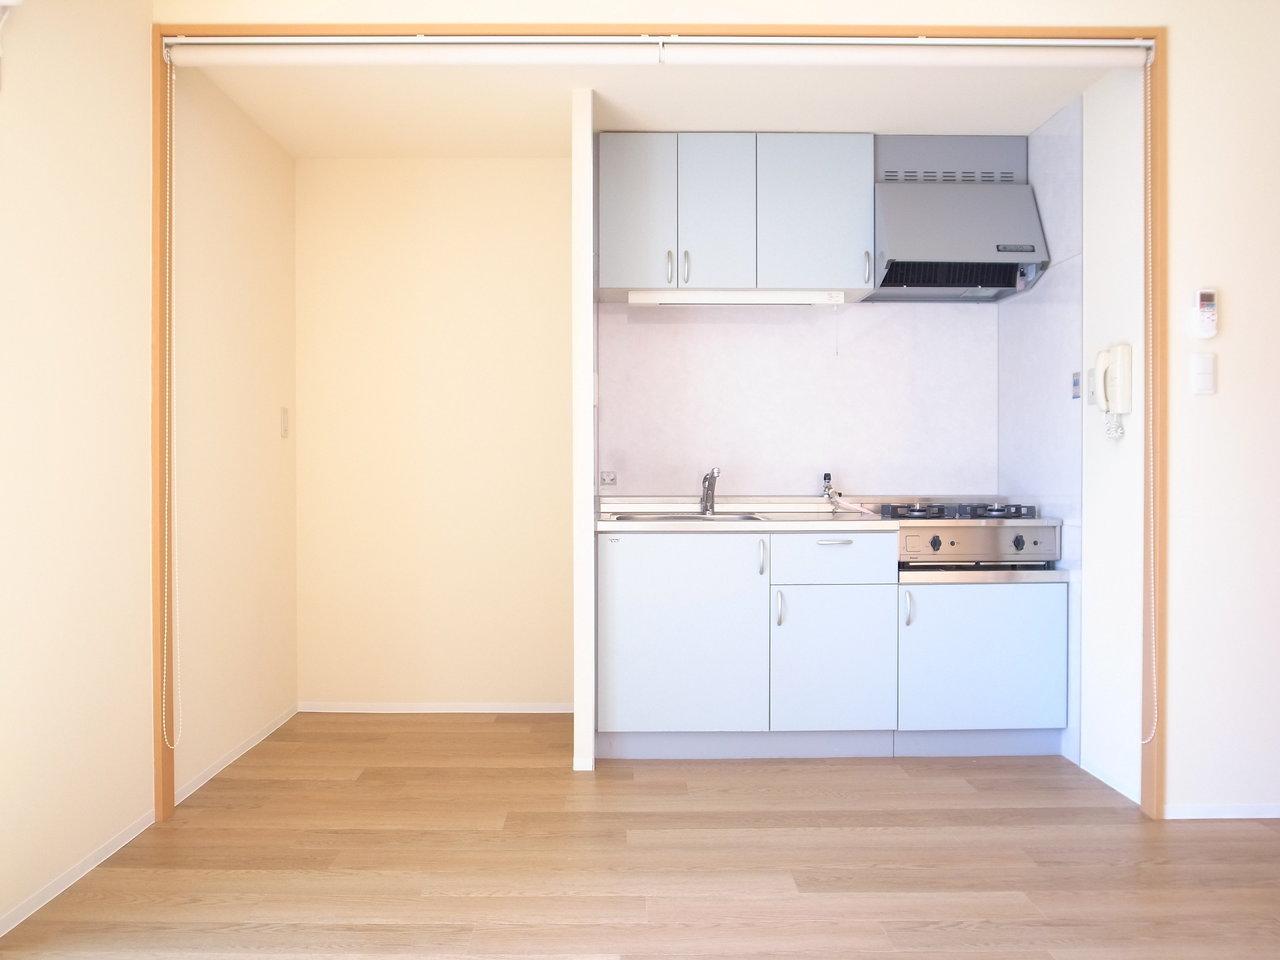 キッチン横にも十分なスペースが確保されています。しかもこの一帯は、ロールスクリーンで隠すこともできるんです。生活感を出したくないときに、うれしい設備です。